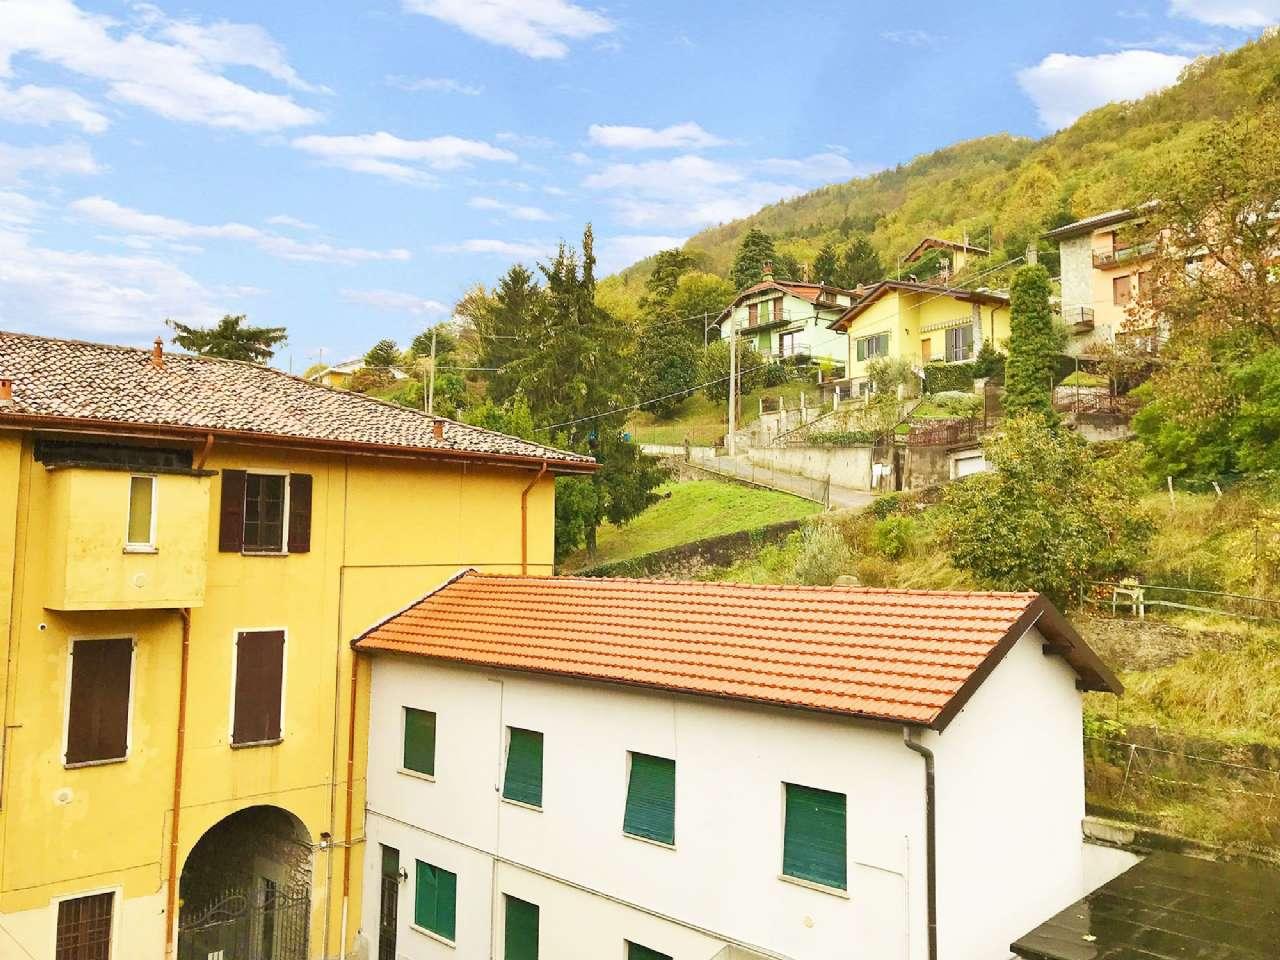 Appartamento in affitto a Erba, 2 locali, prezzo € 400 | PortaleAgenzieImmobiliari.it